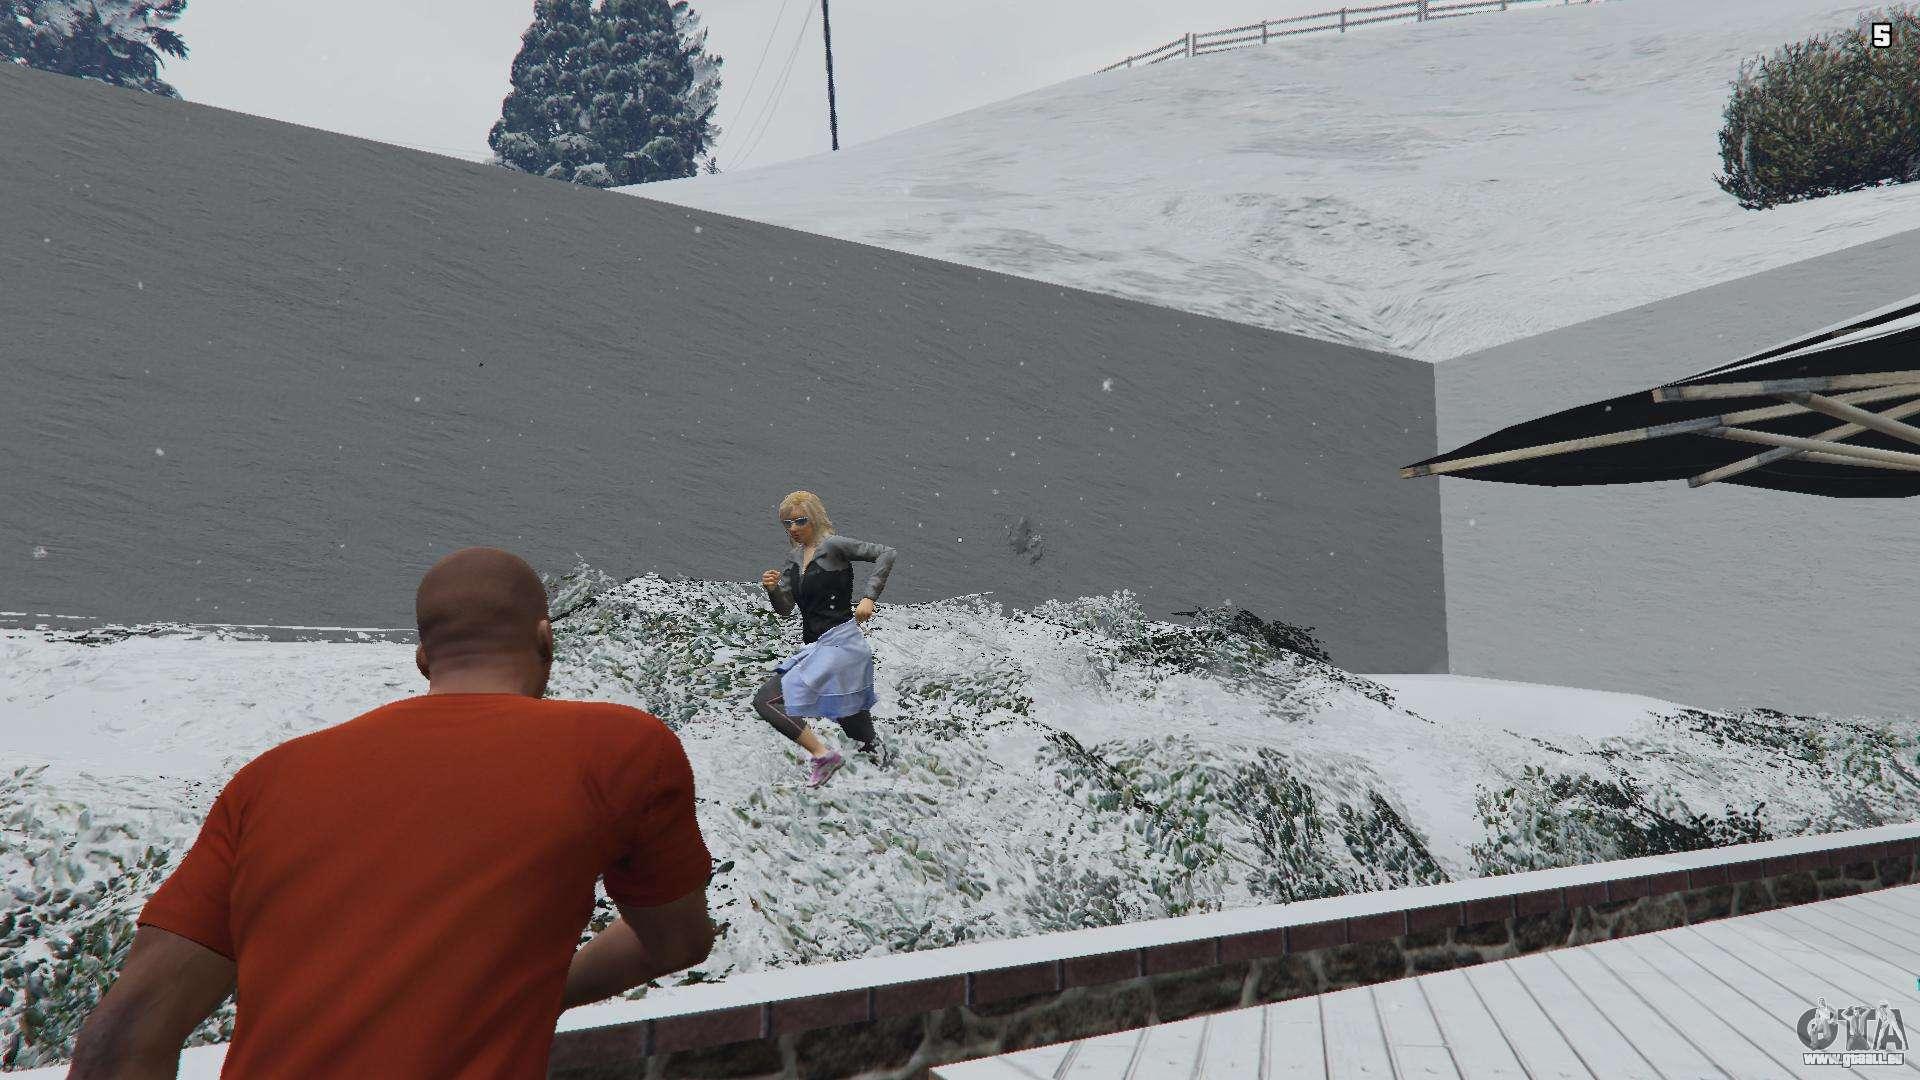 Comment Faire Des Boule A Neige comment prendre du combat de boule de neige dans gta 5